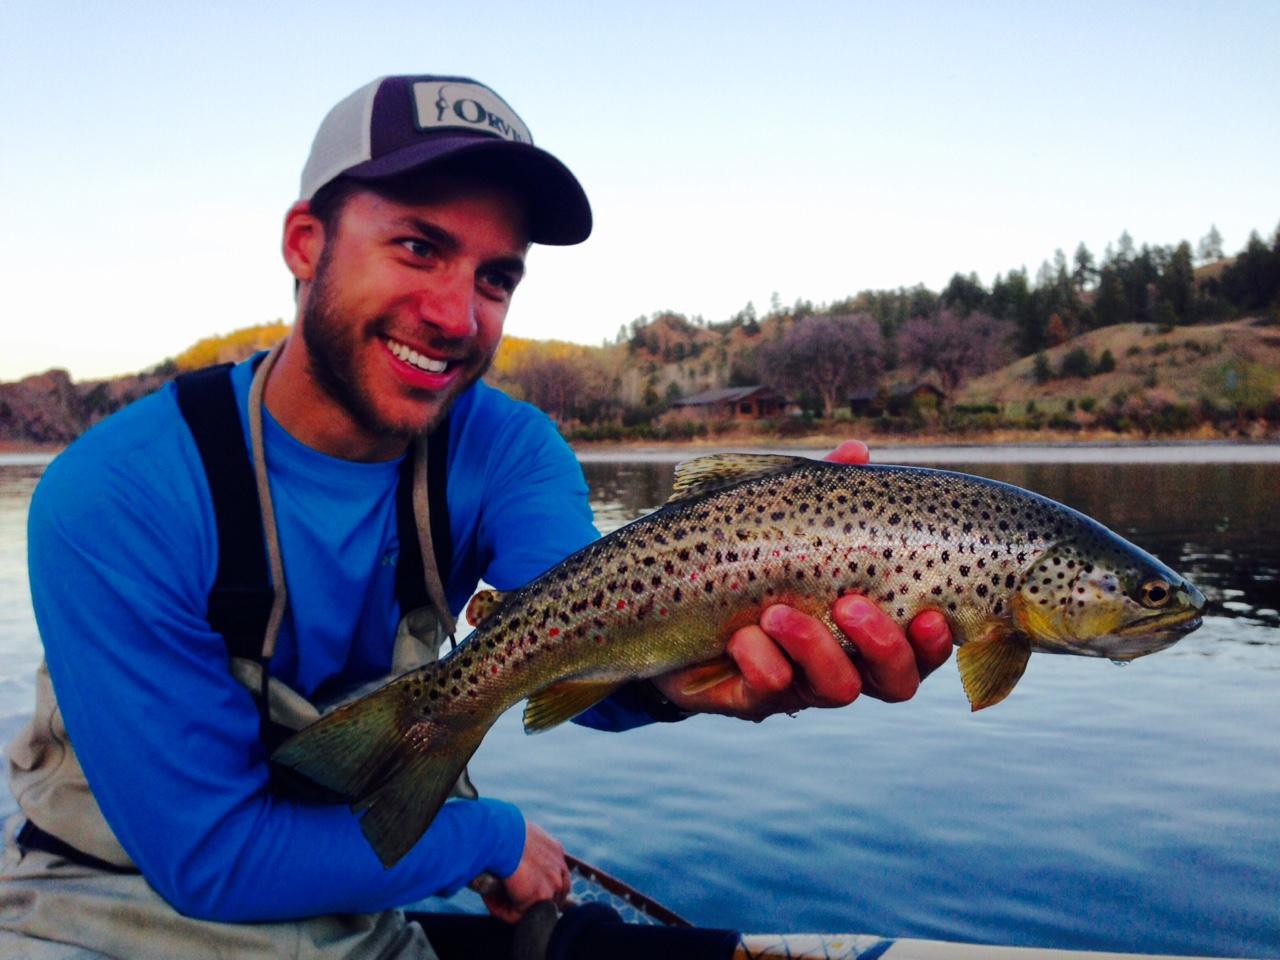 Missouri river fishing report bravo whiskey oscar for Missouri fishing report